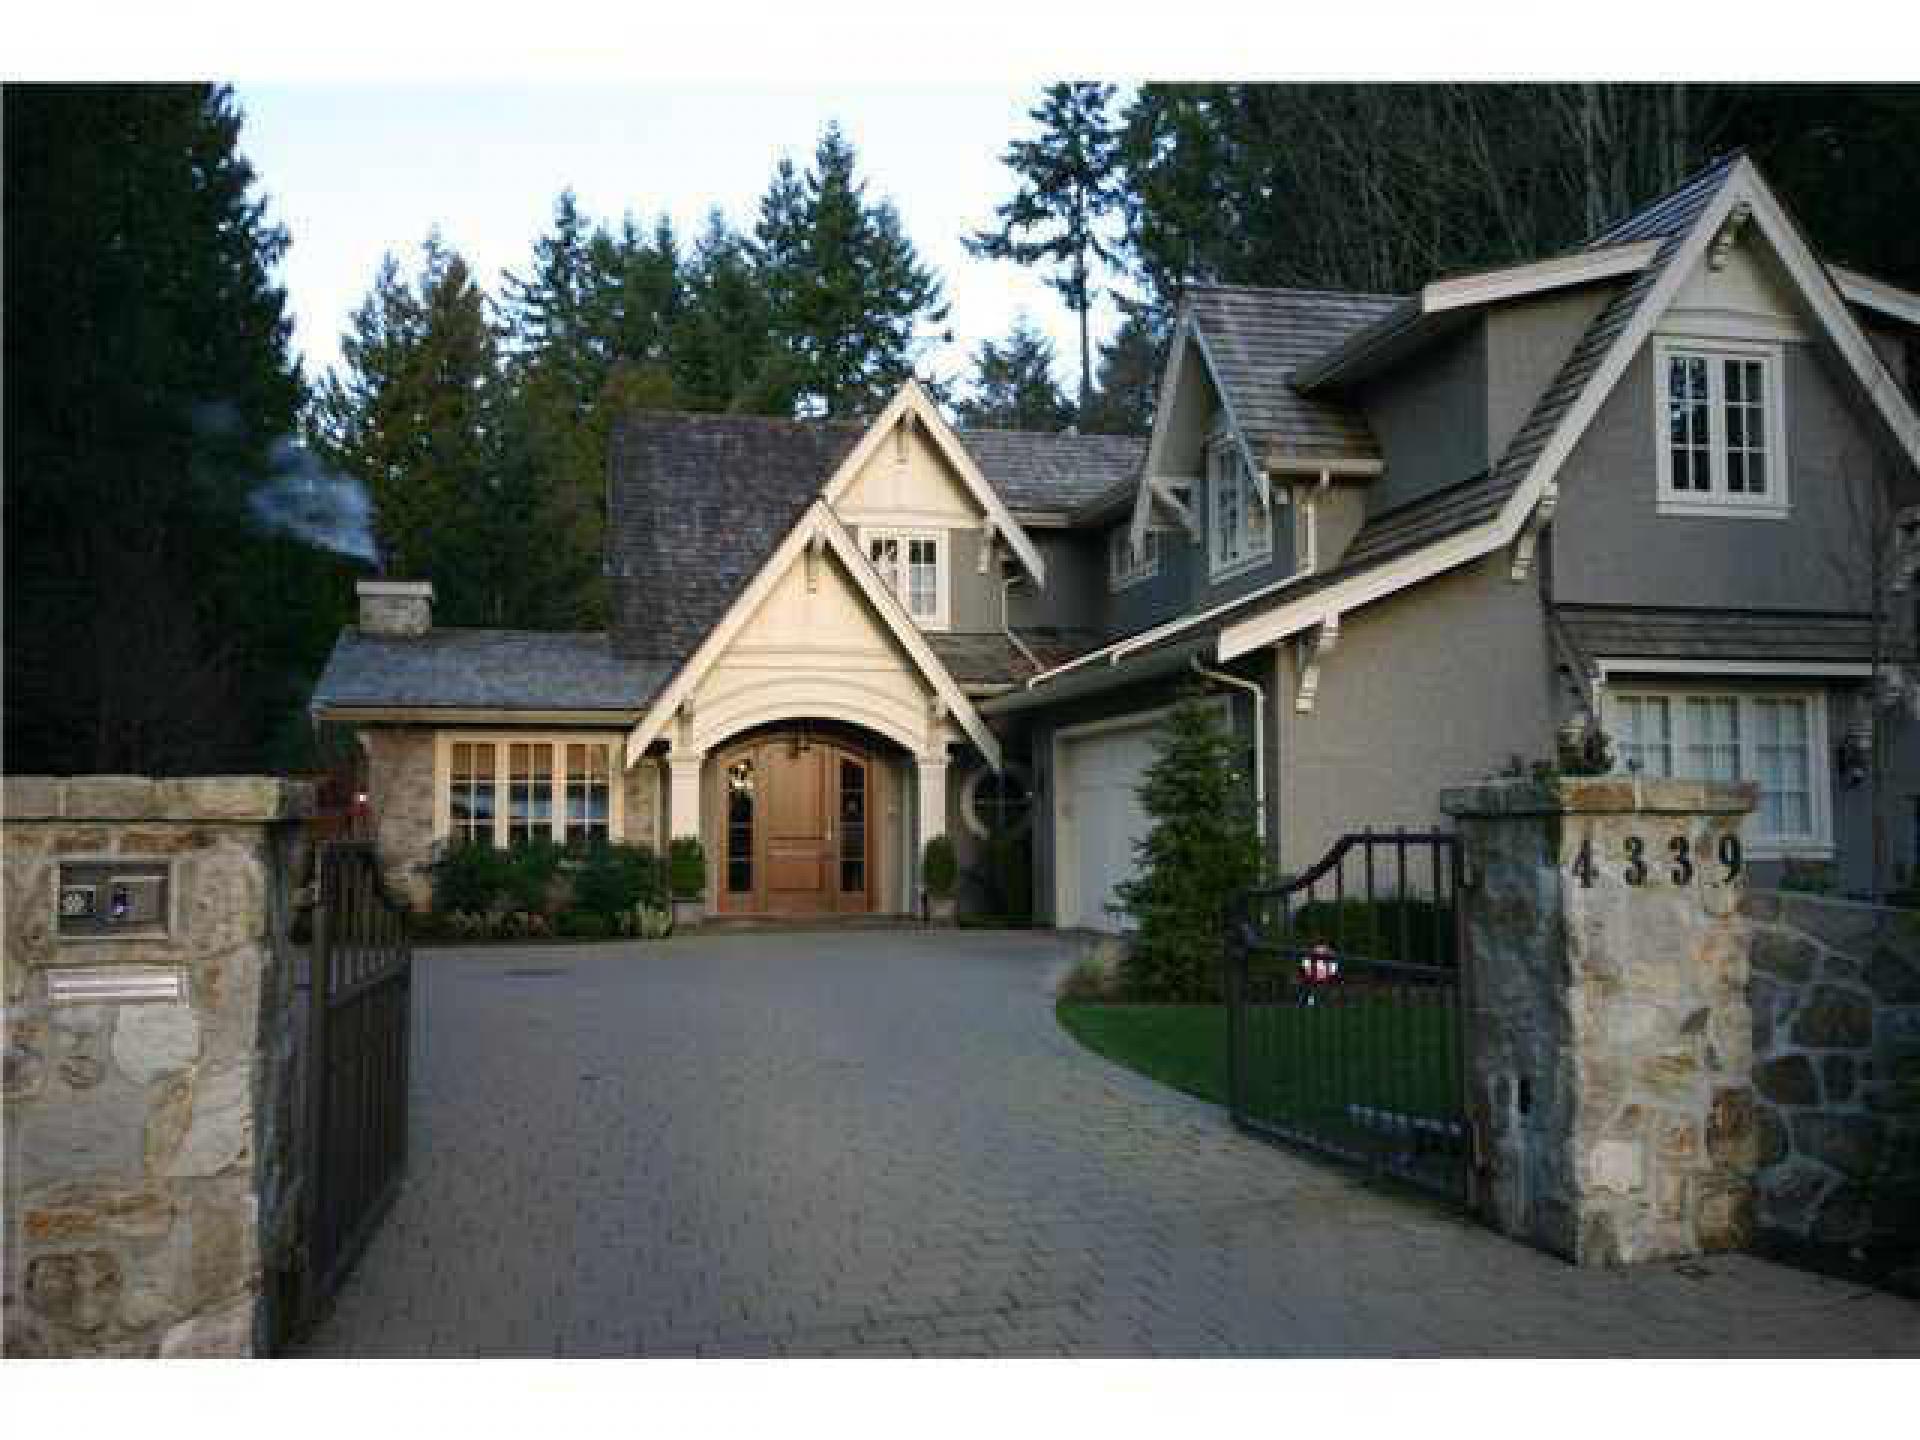 4339 Morgan Crescent, Cypress, West Vancouver